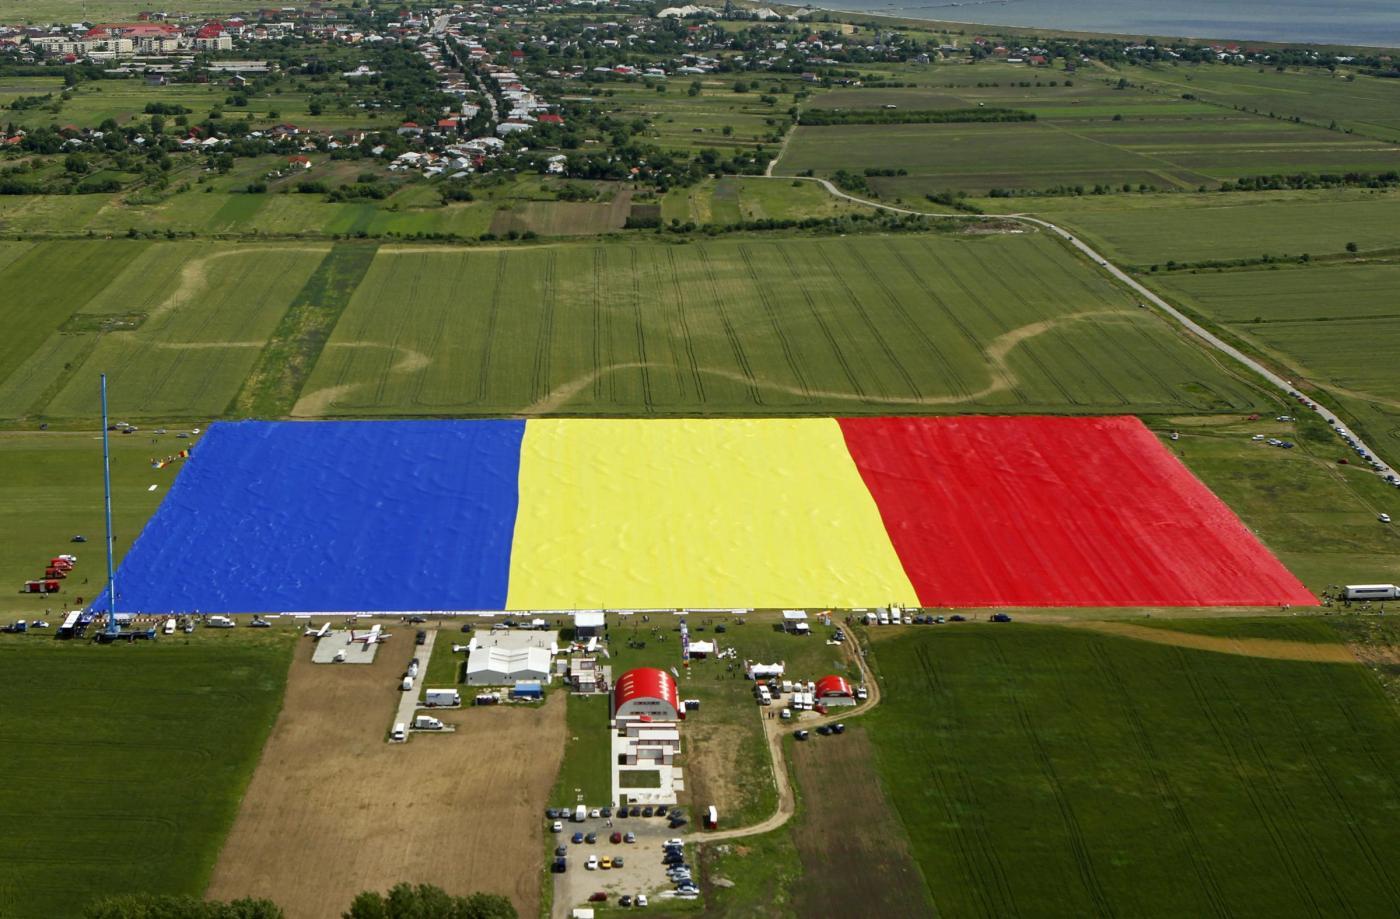 In Romania la bandiera più grande del mondo02